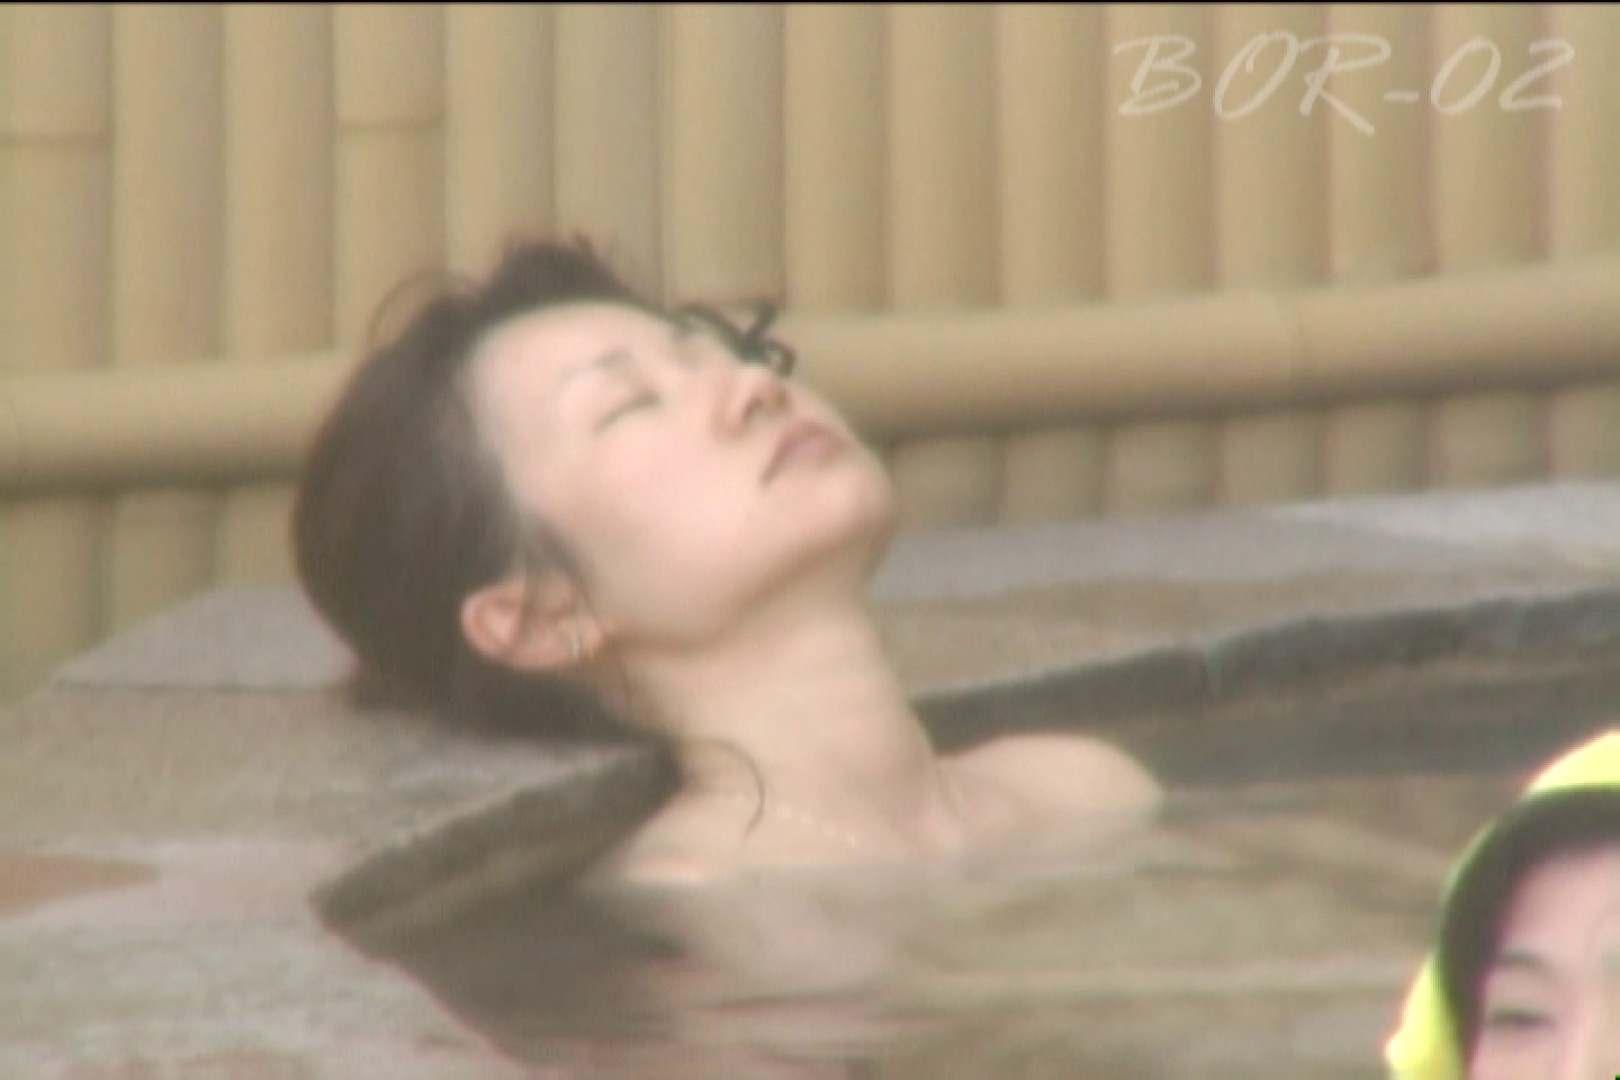 Aquaな露天風呂Vol.477 露天 | 盗撮  86画像 25